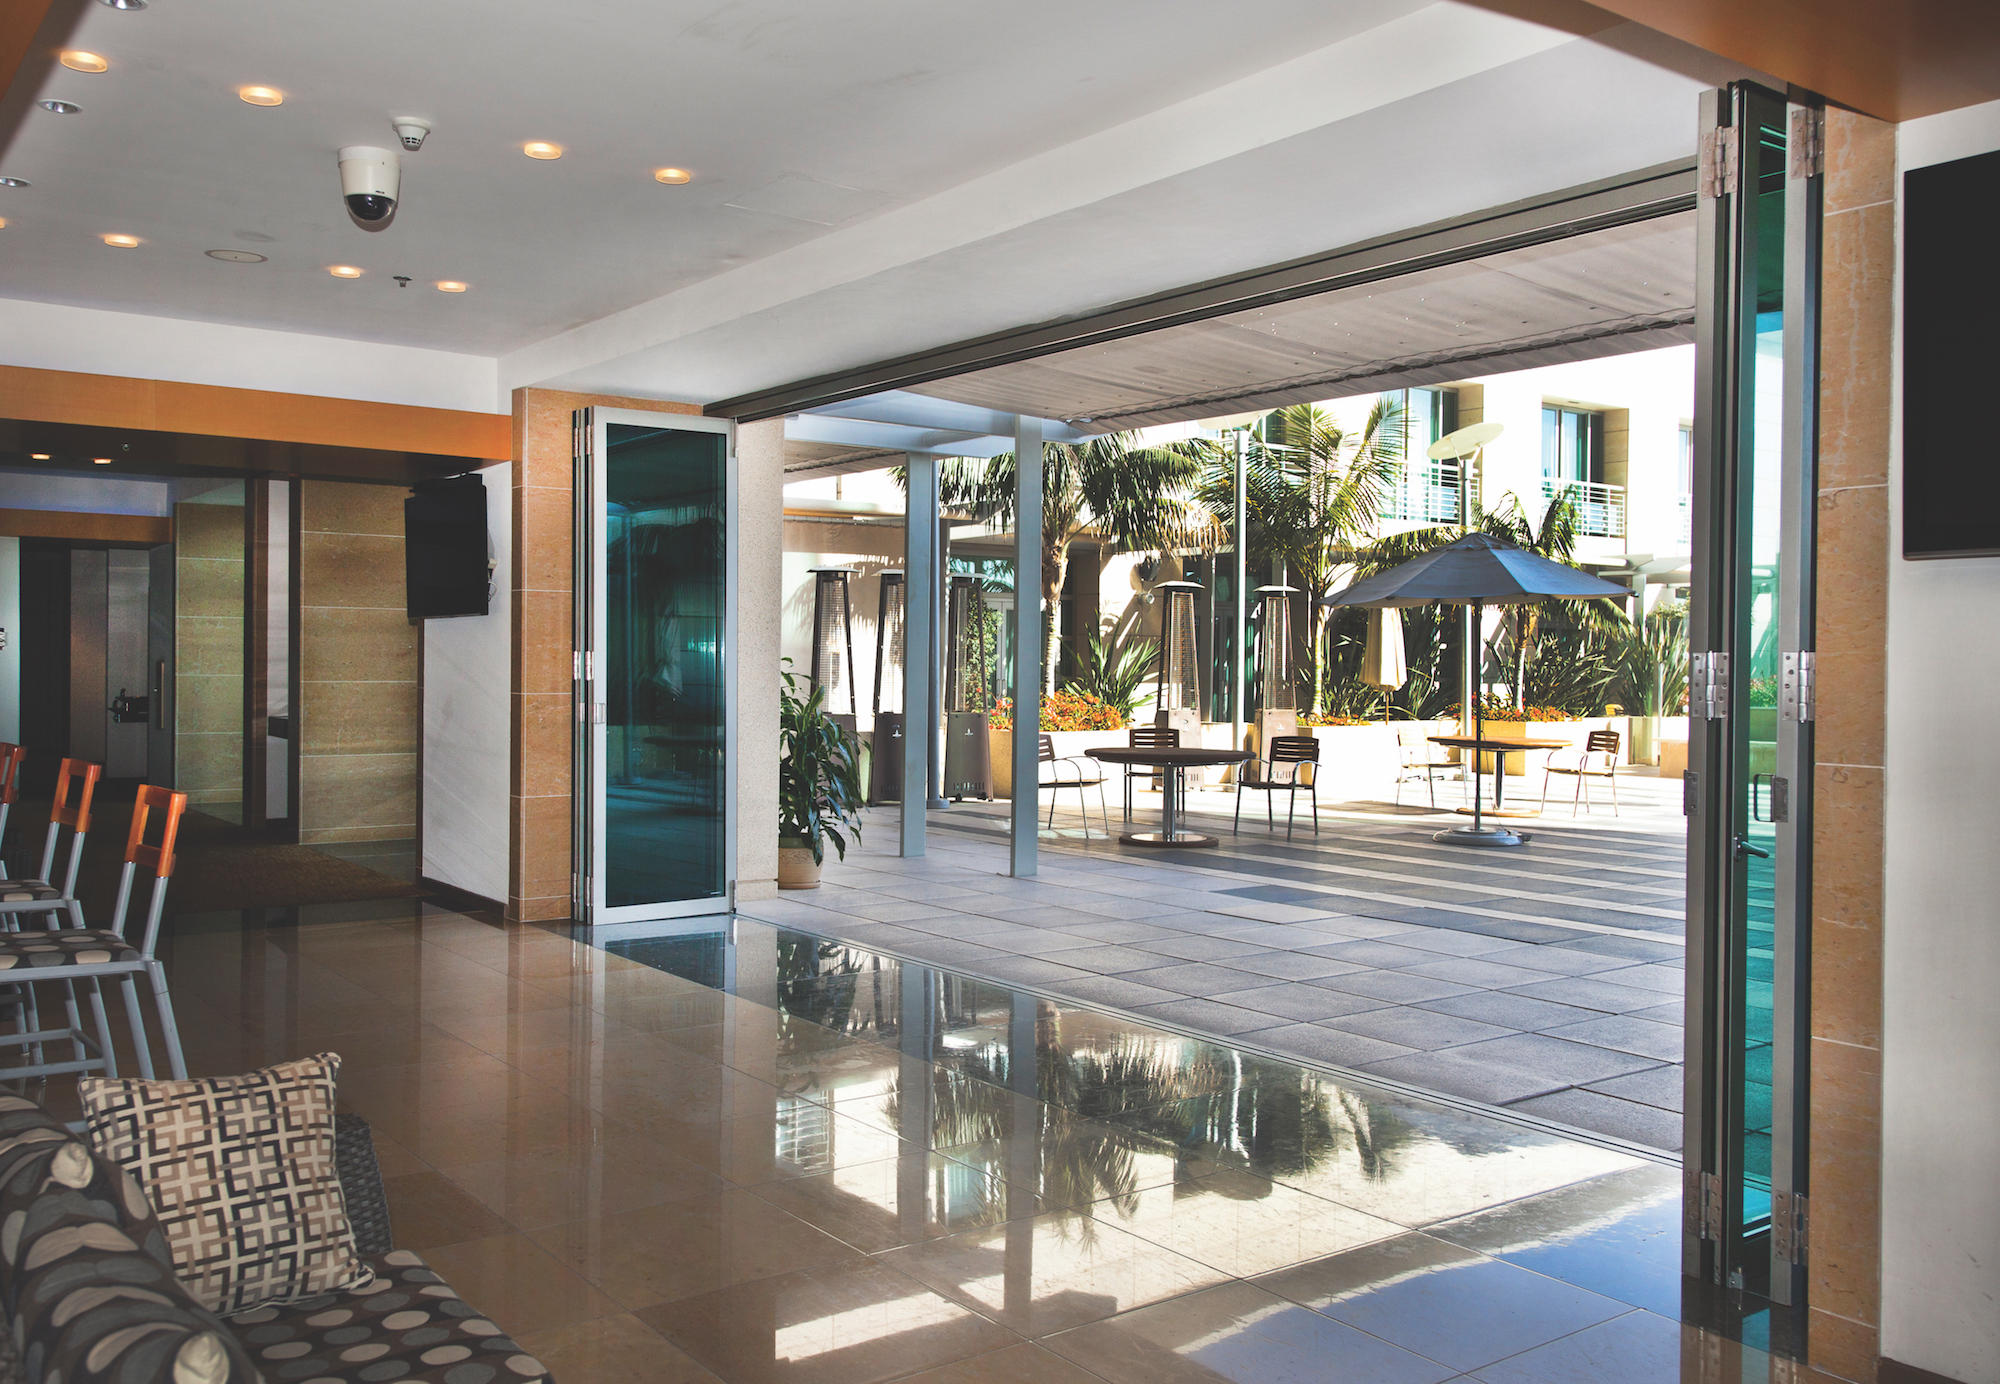 LAC_FLD_Omni_Hotel_19_ID.jpg